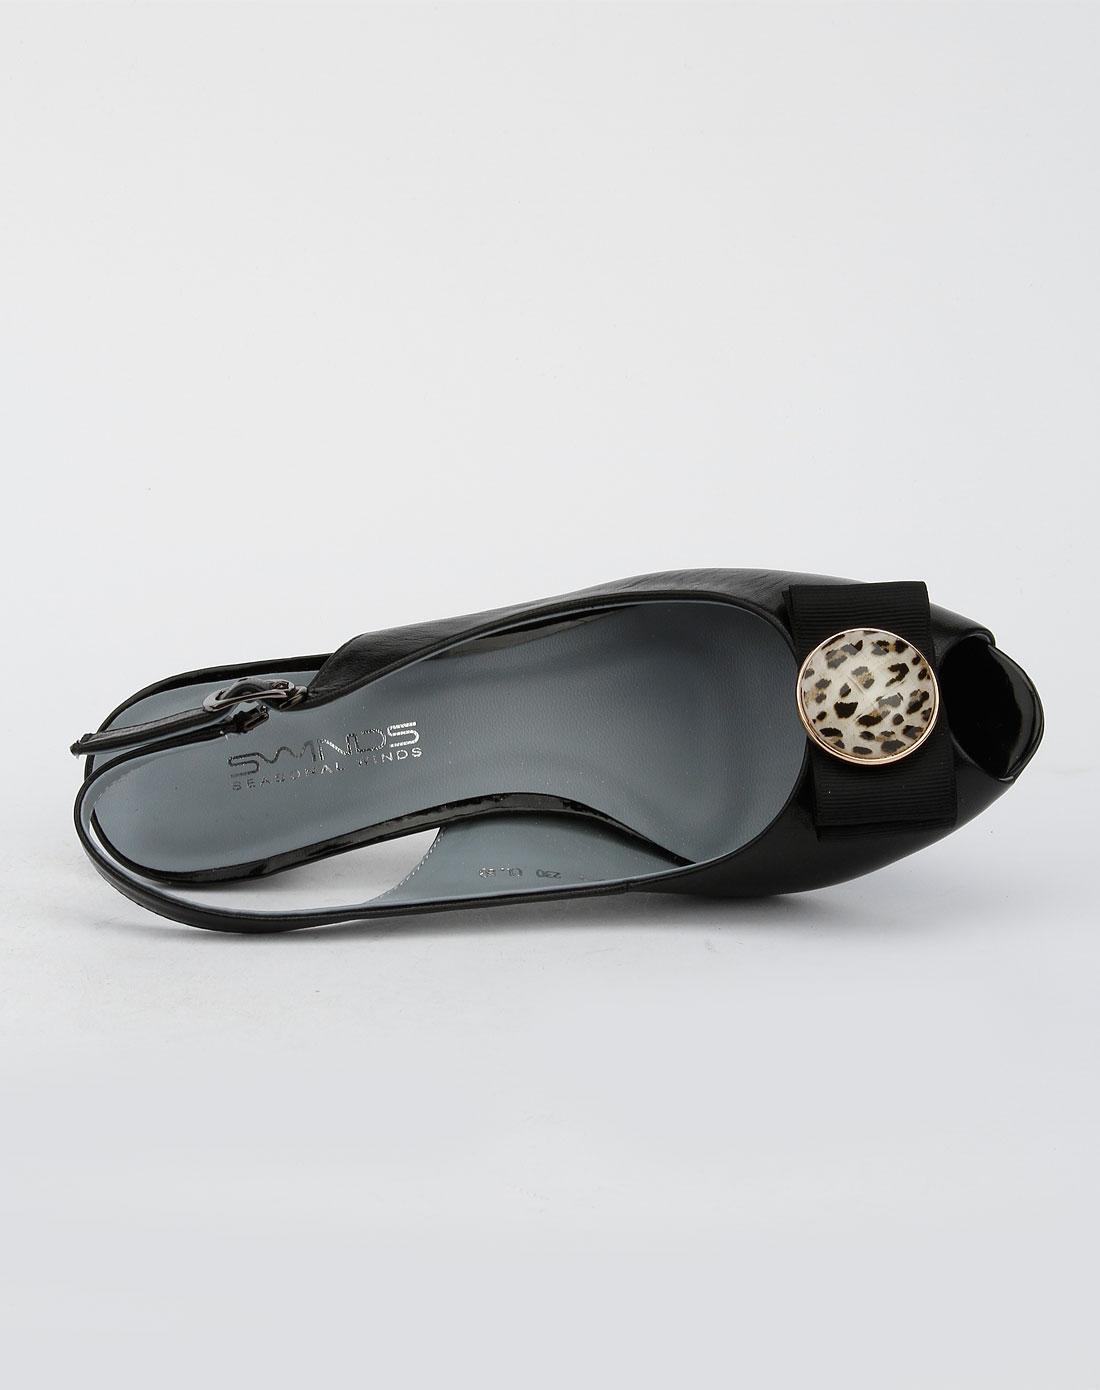 四季风黑色时尚高跟鞋_唯品会名牌时尚折扣网